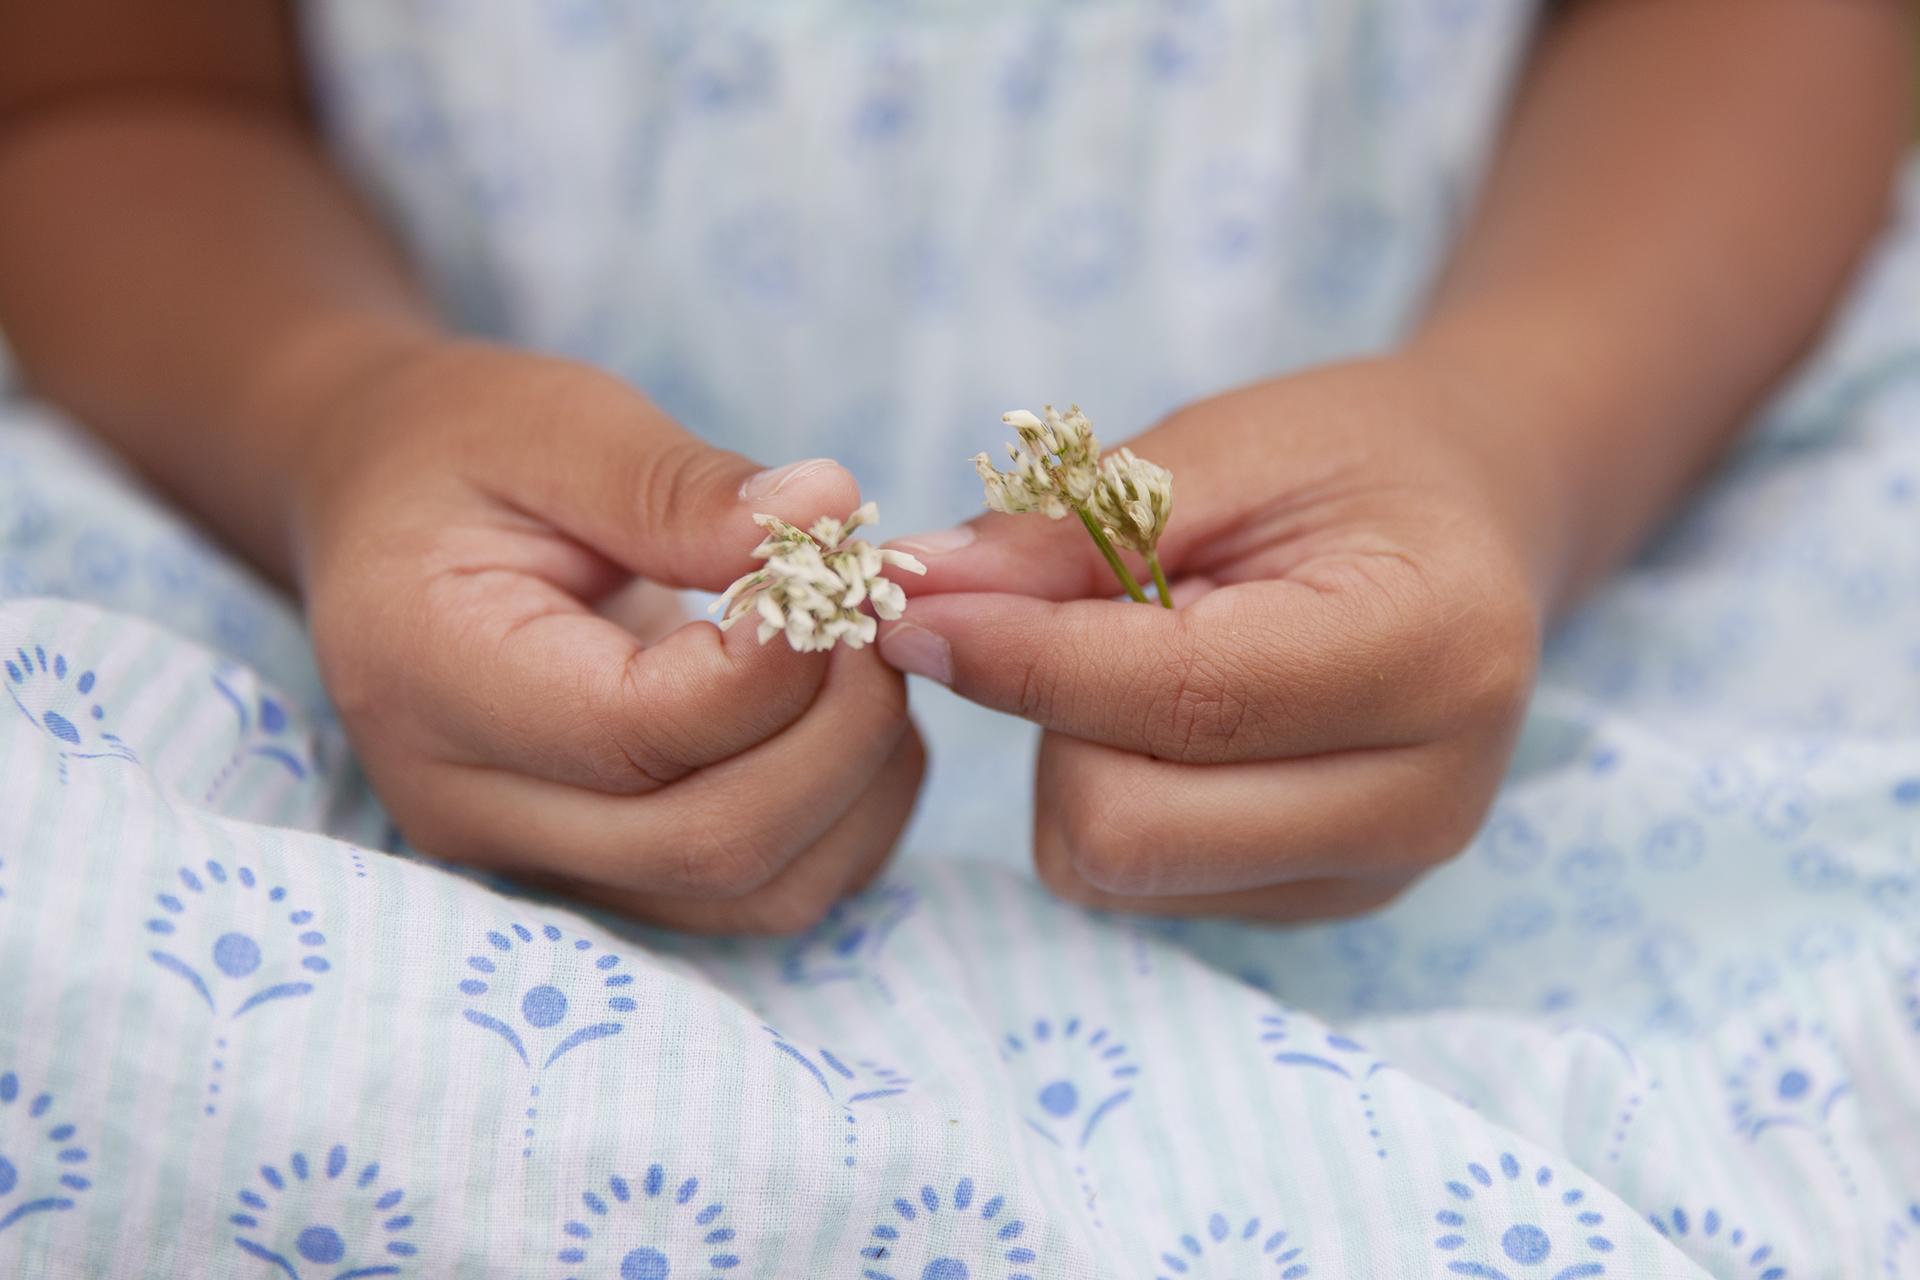 hvitkløver-studioalma-hender